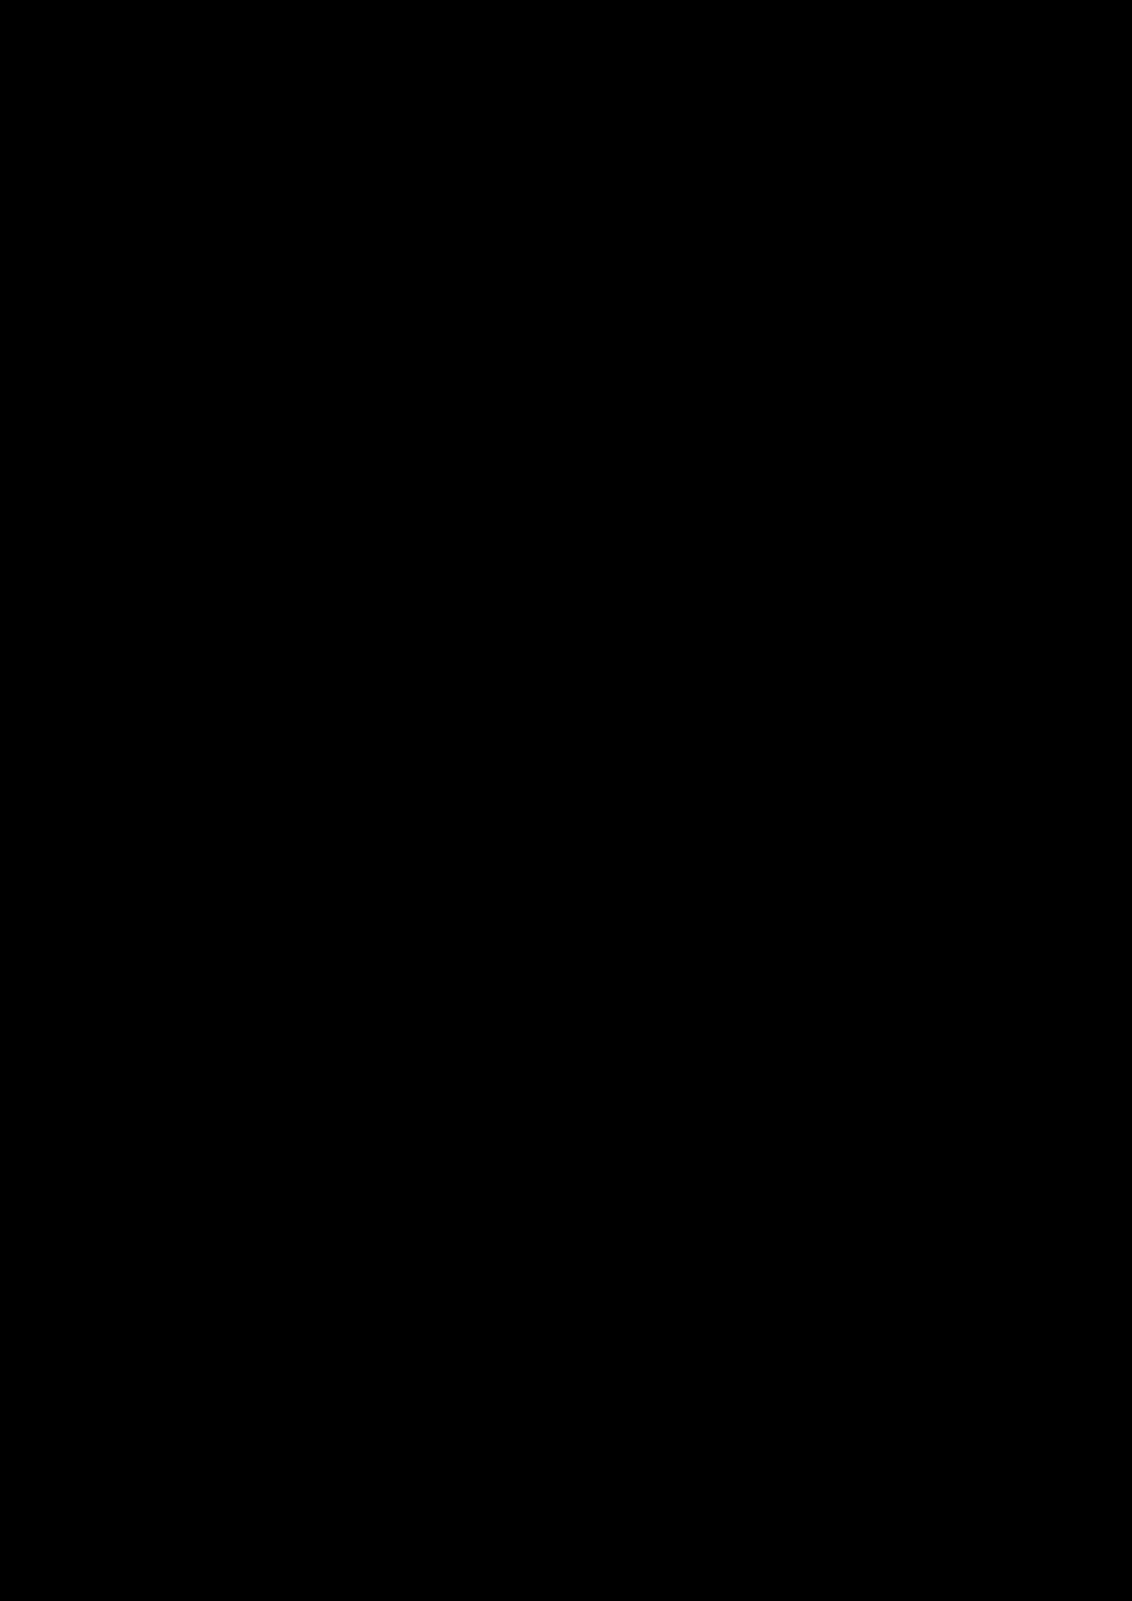 Serdtse slide, Image 14